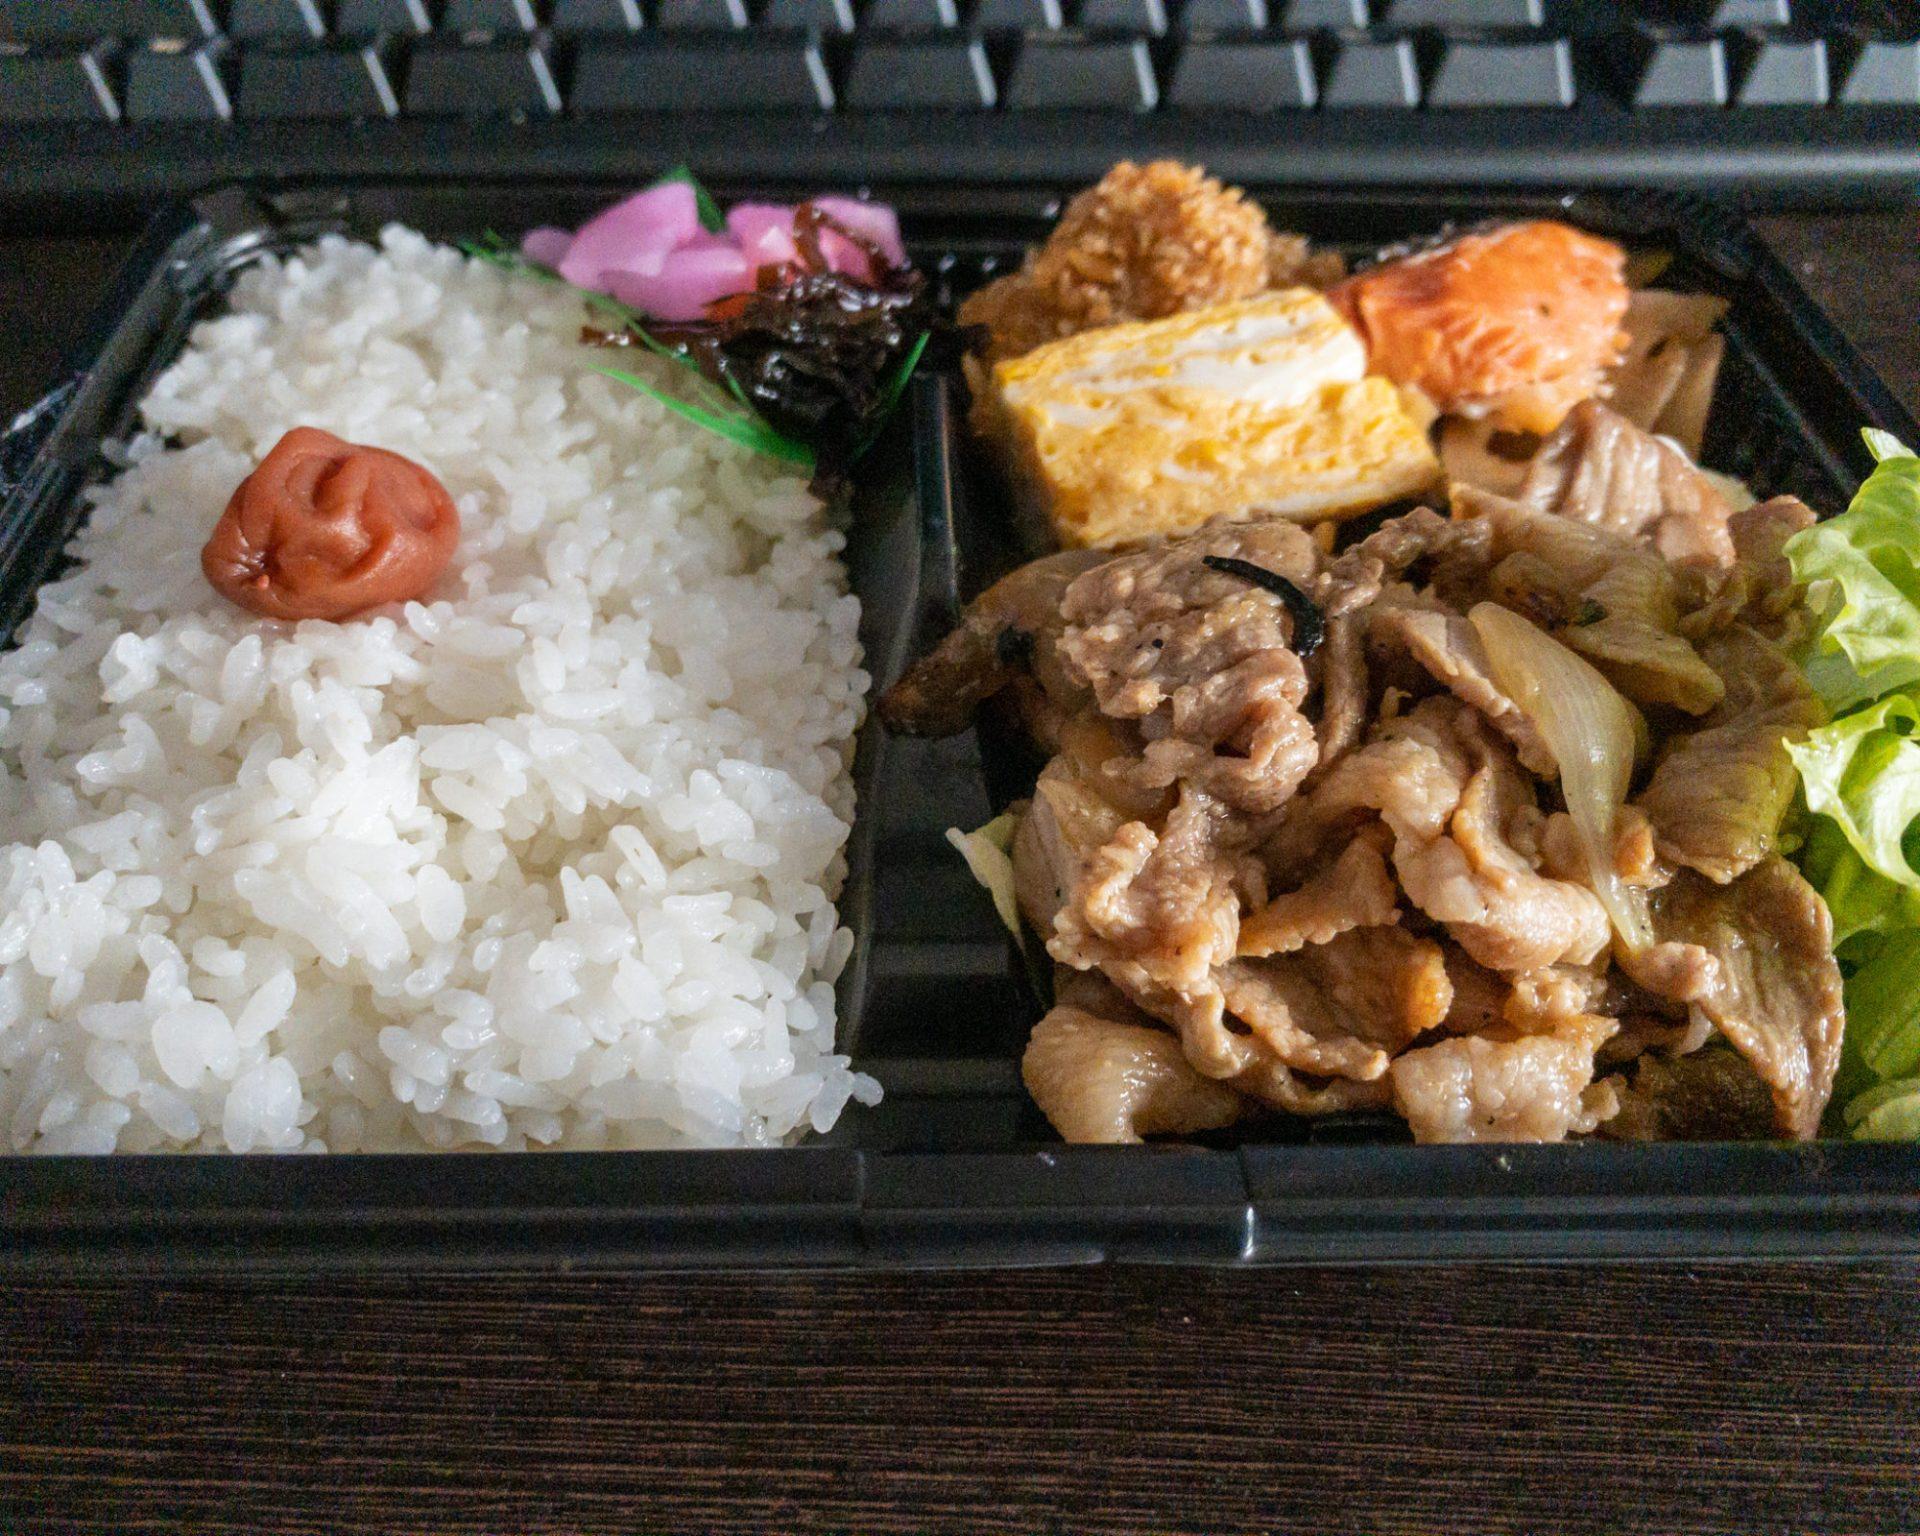 第6食:生姜焼き弁当(16:40)